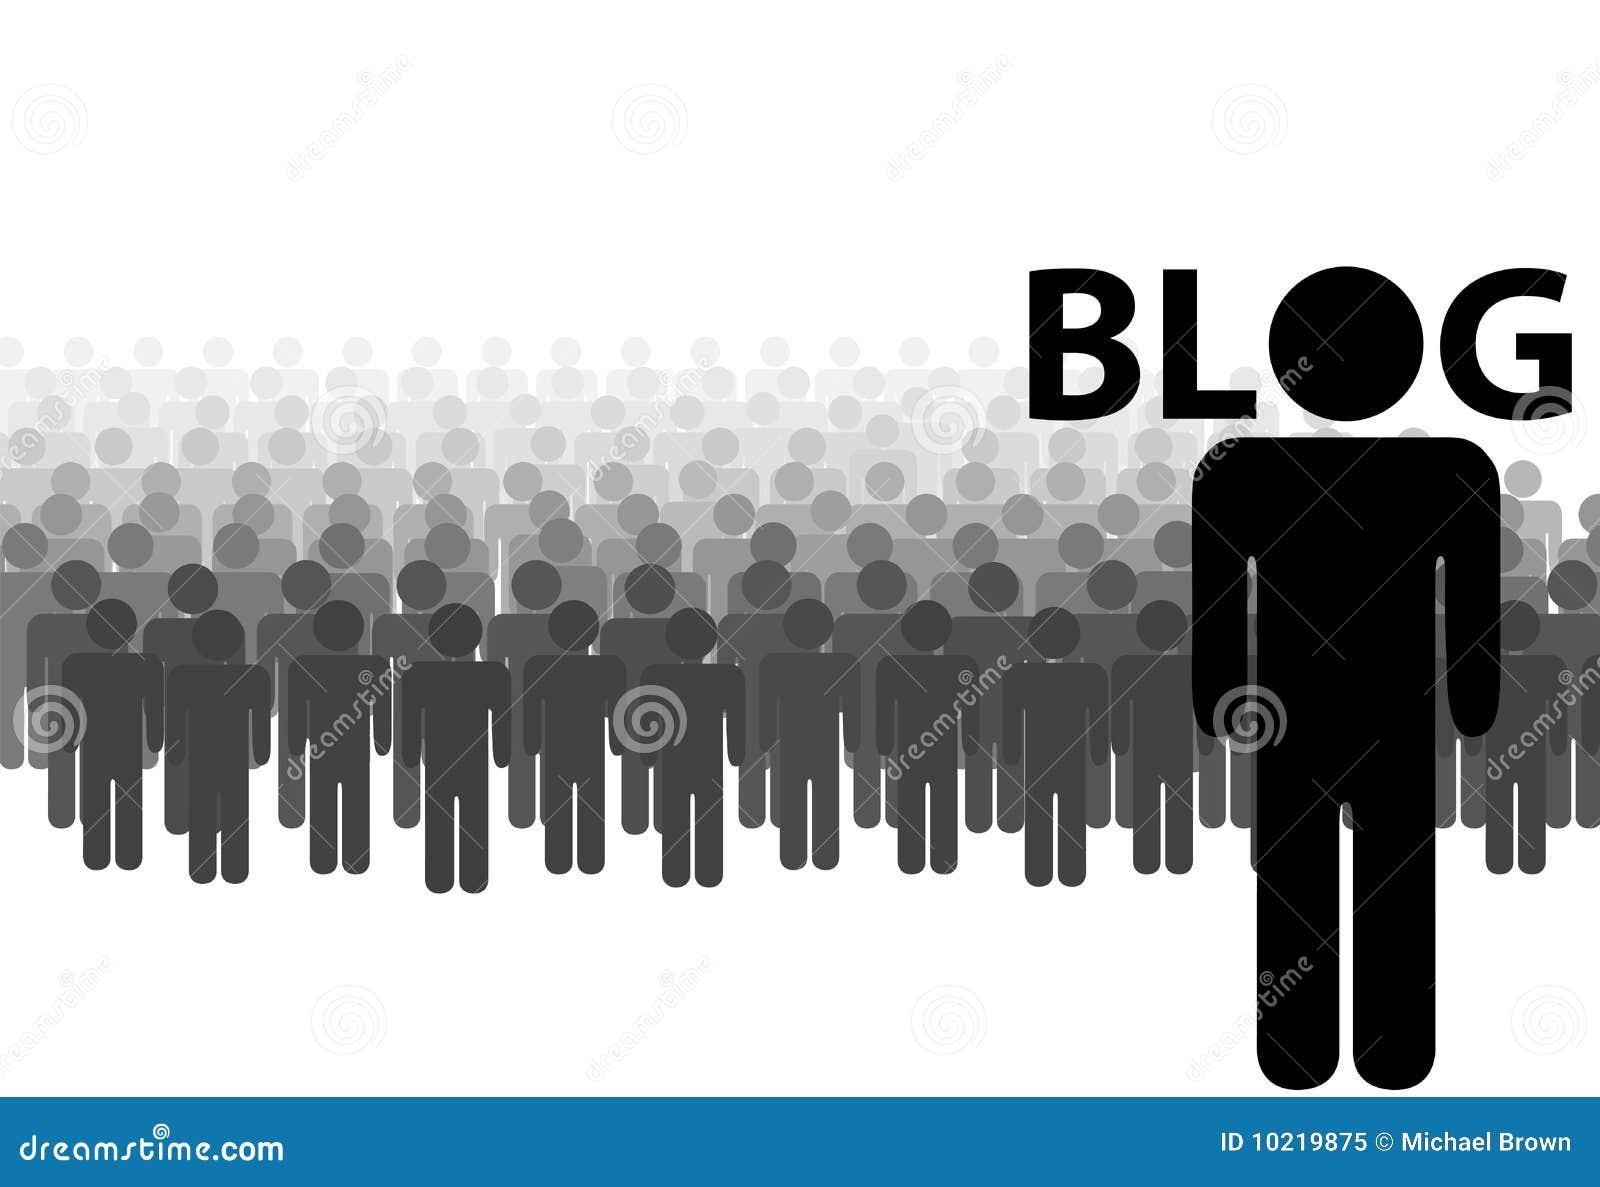 Audiencia del BLOG muchos programas de lectura de un blogger